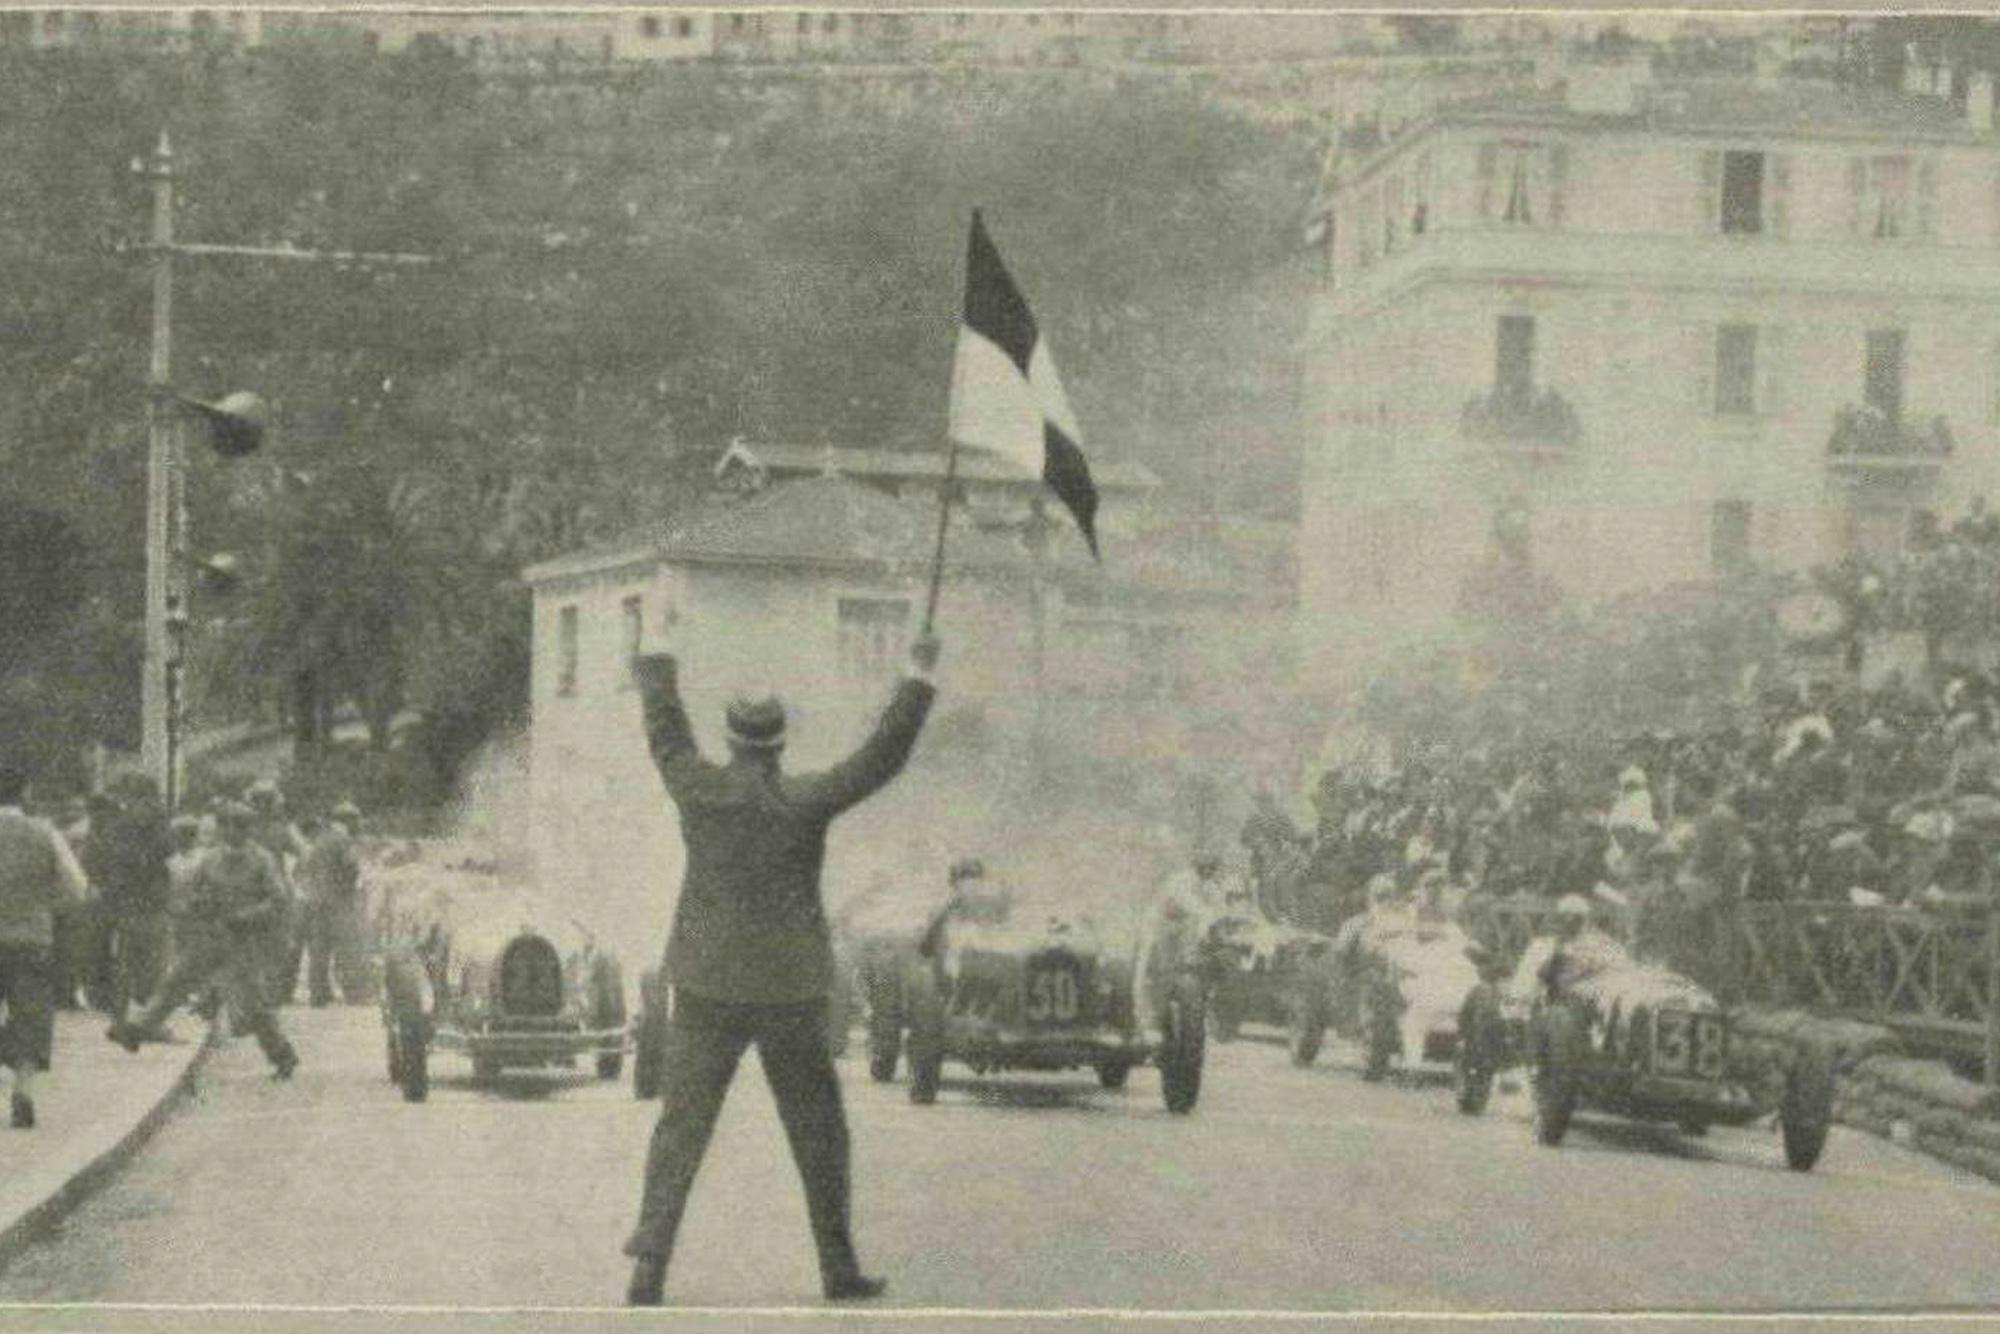 1932 Monaco Grand Prix start